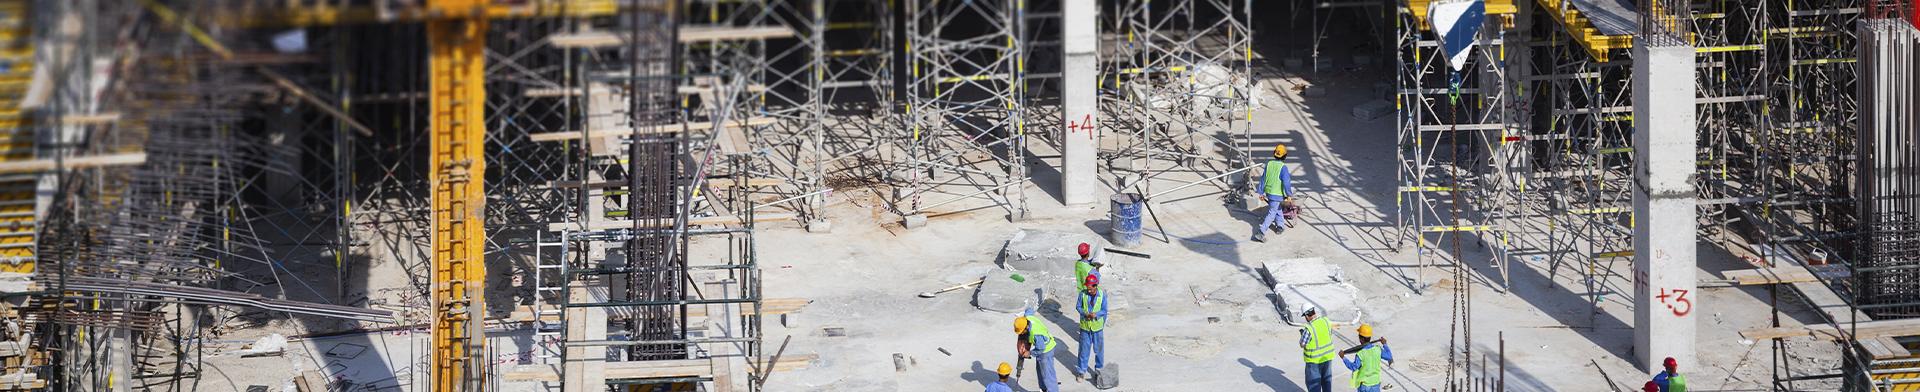 rastreabilidade de insumos na construção civil - construtora ubiratan